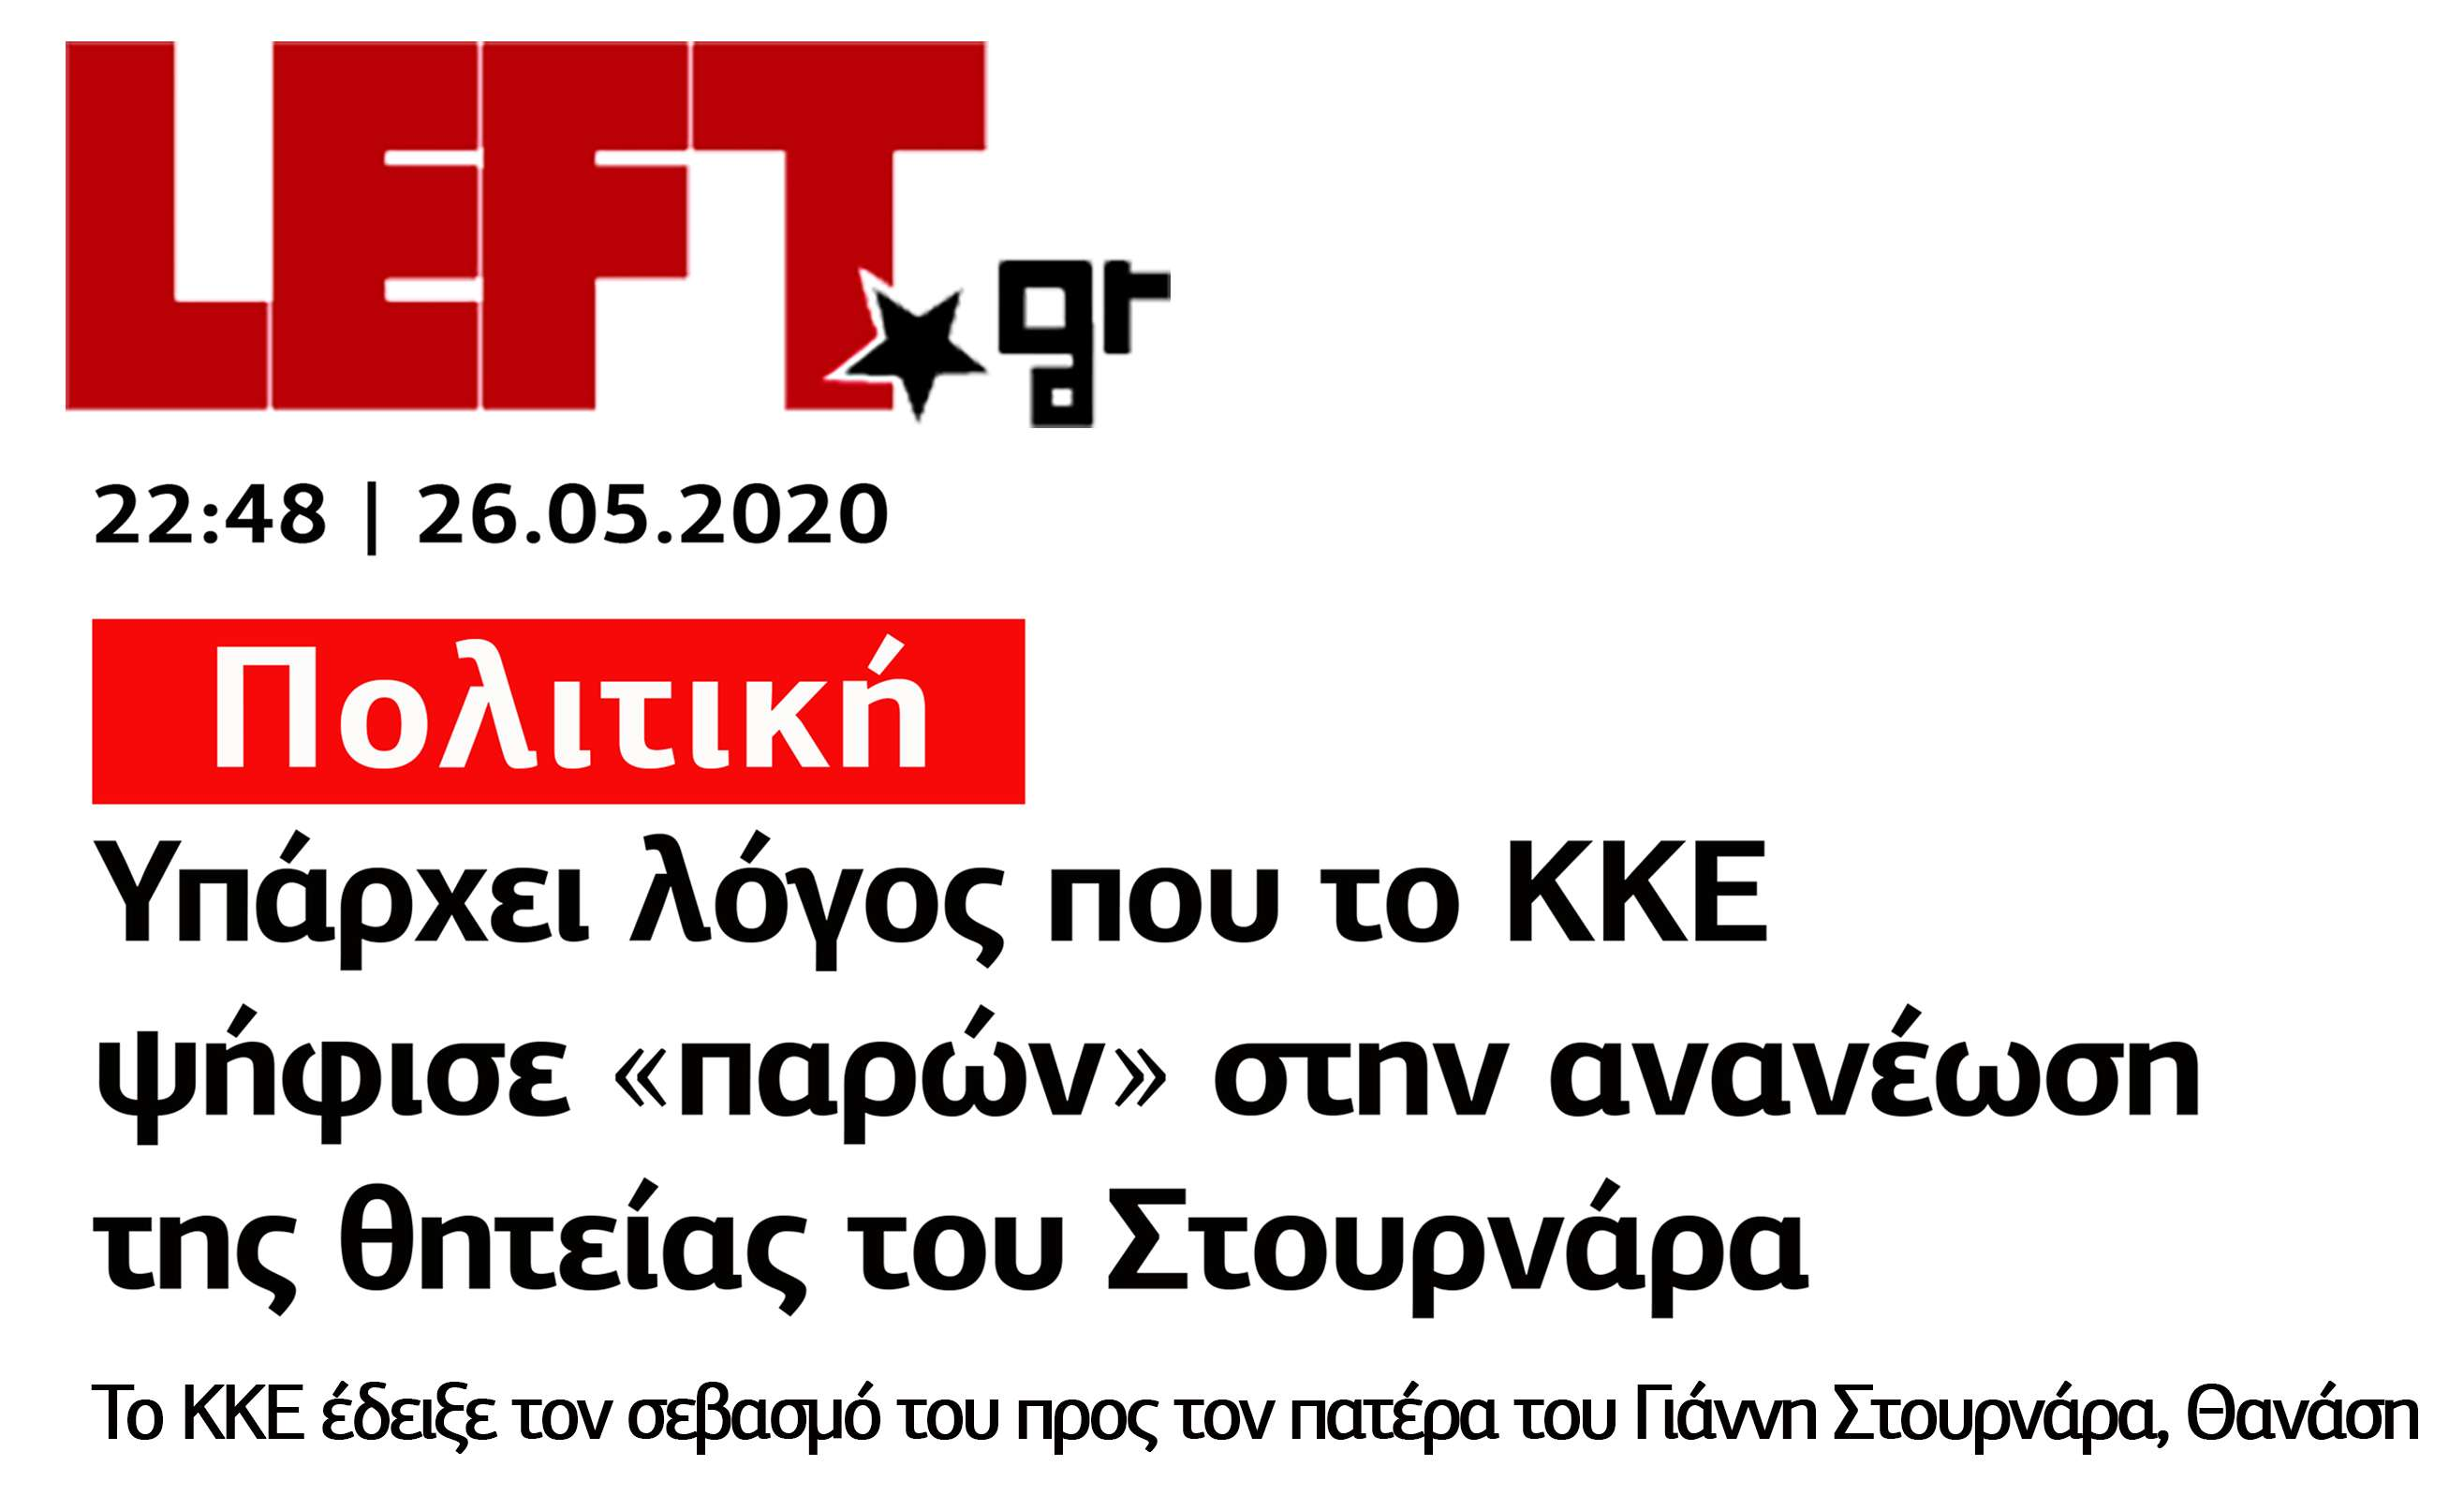 Left.gr: Μπουρδολογίες ή γκαιμπελισμός;